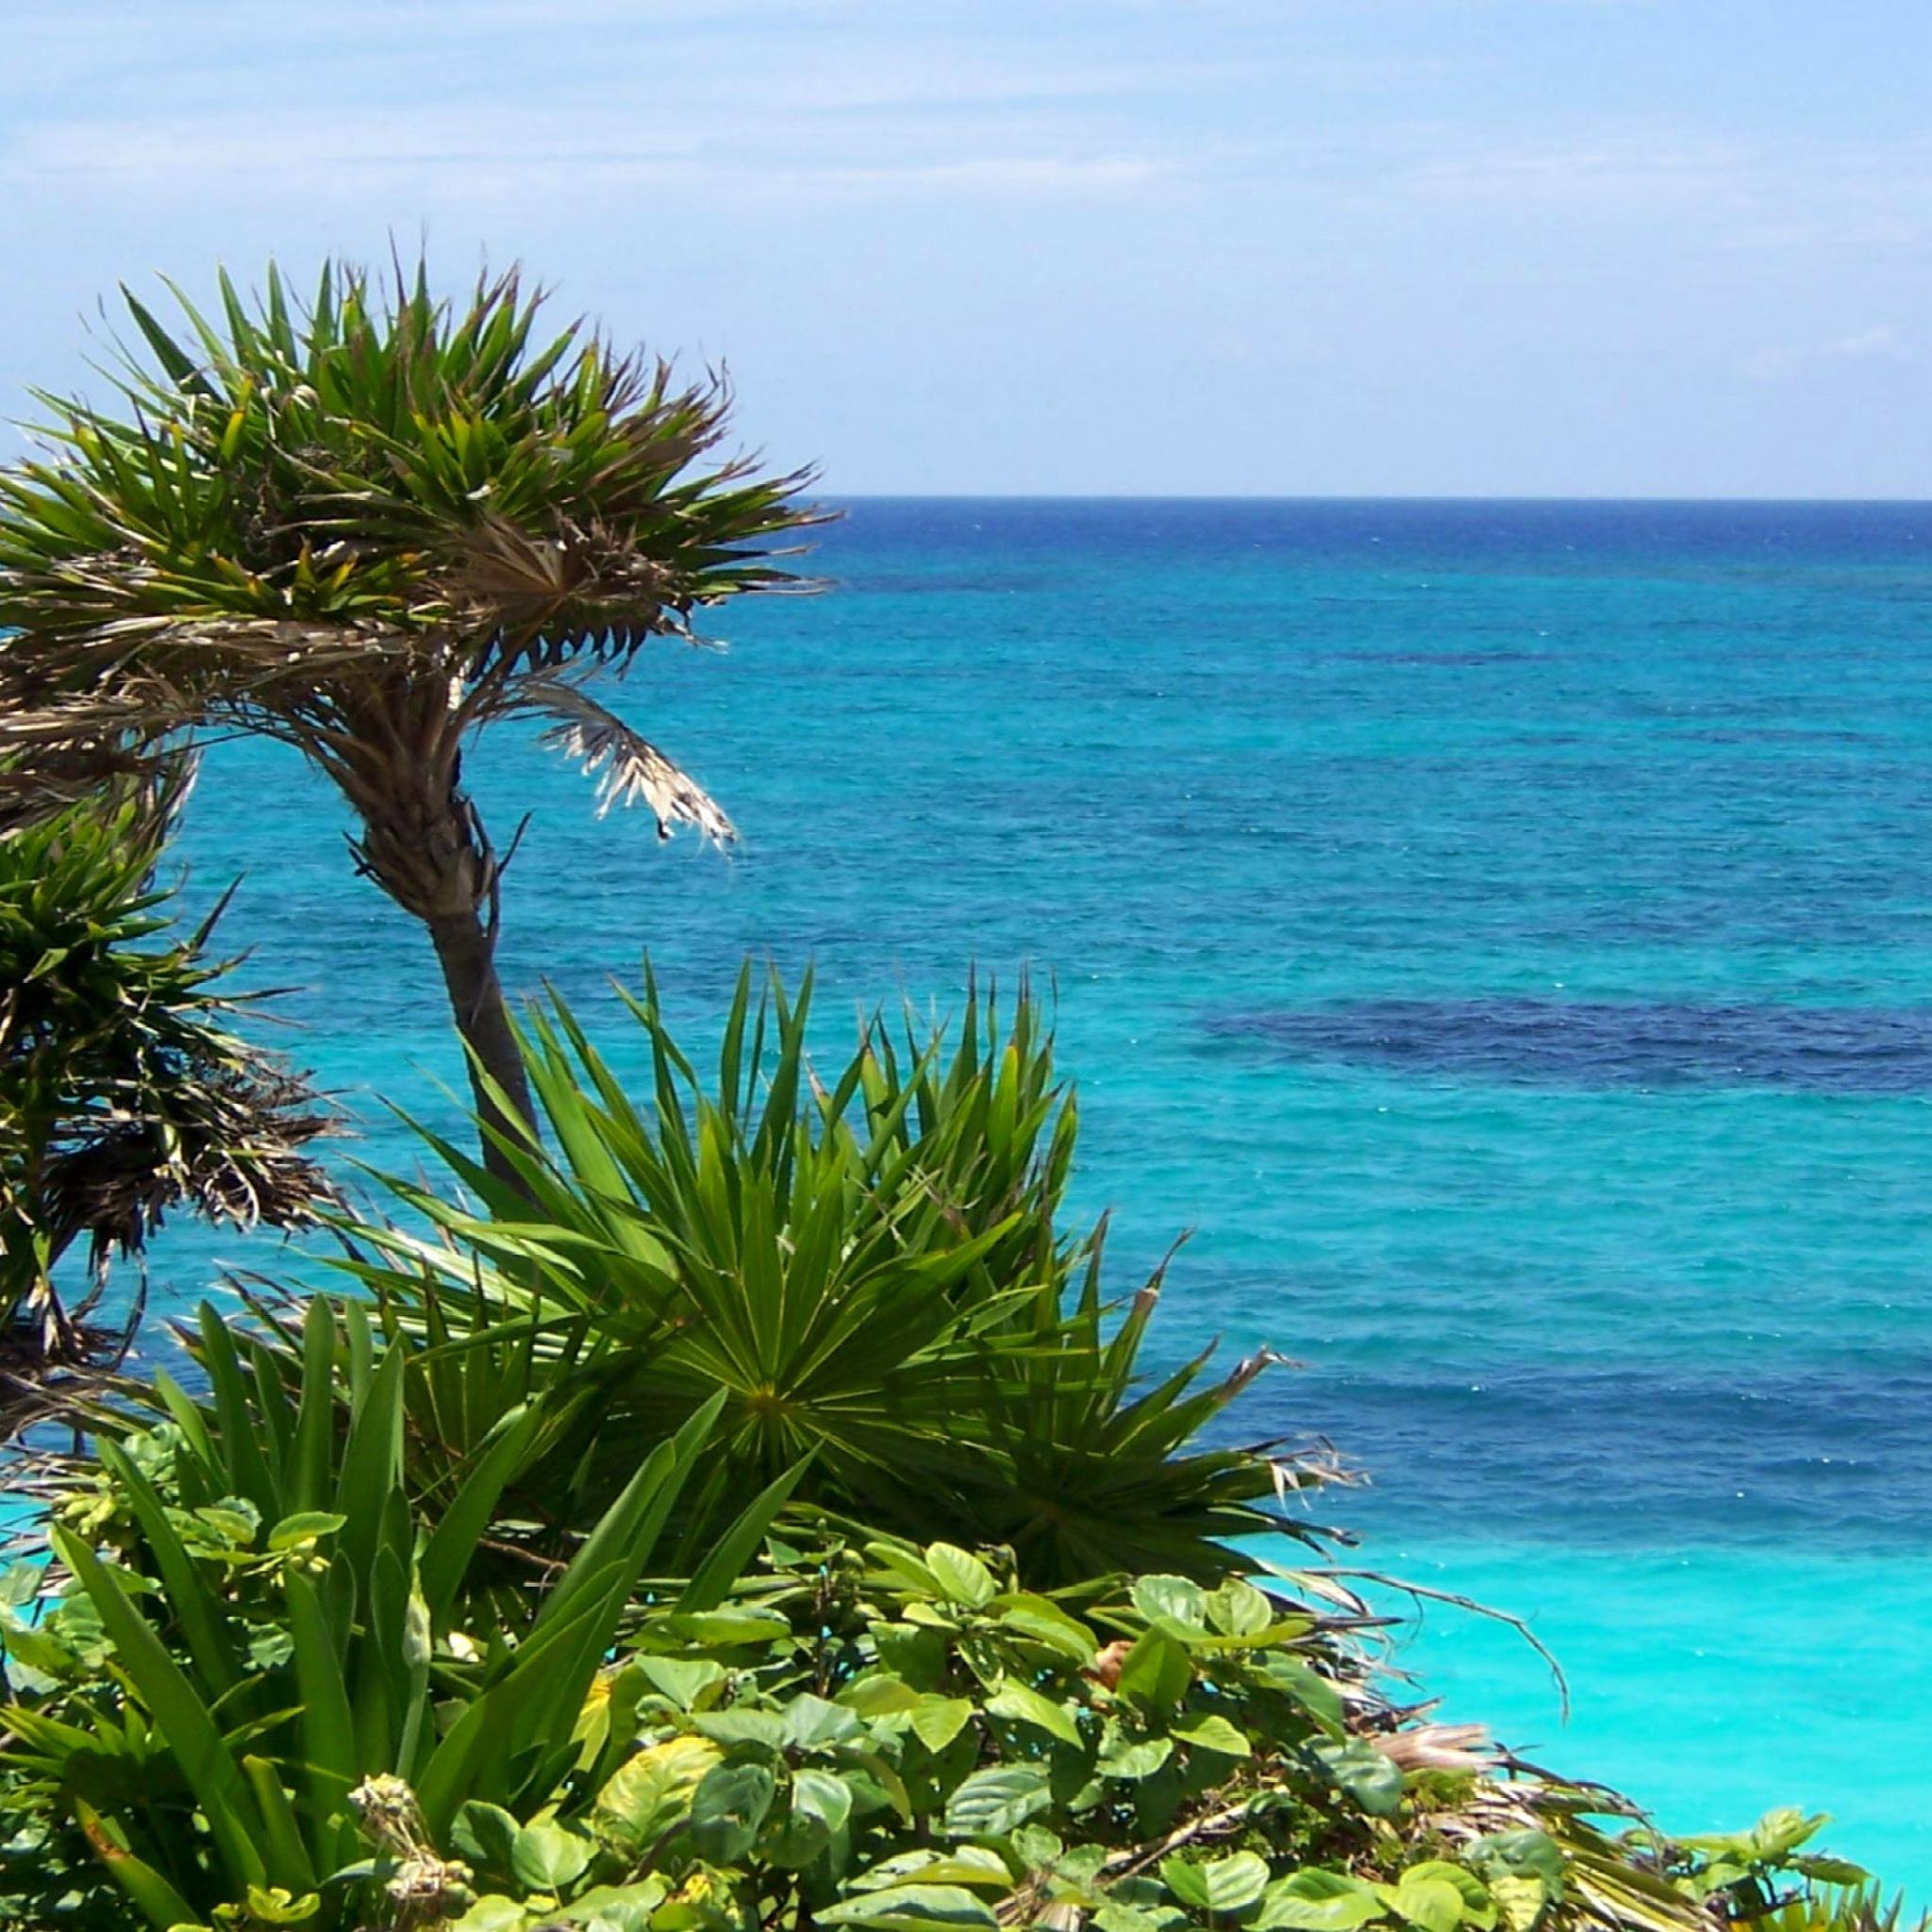 море, пляж, растительность без смс